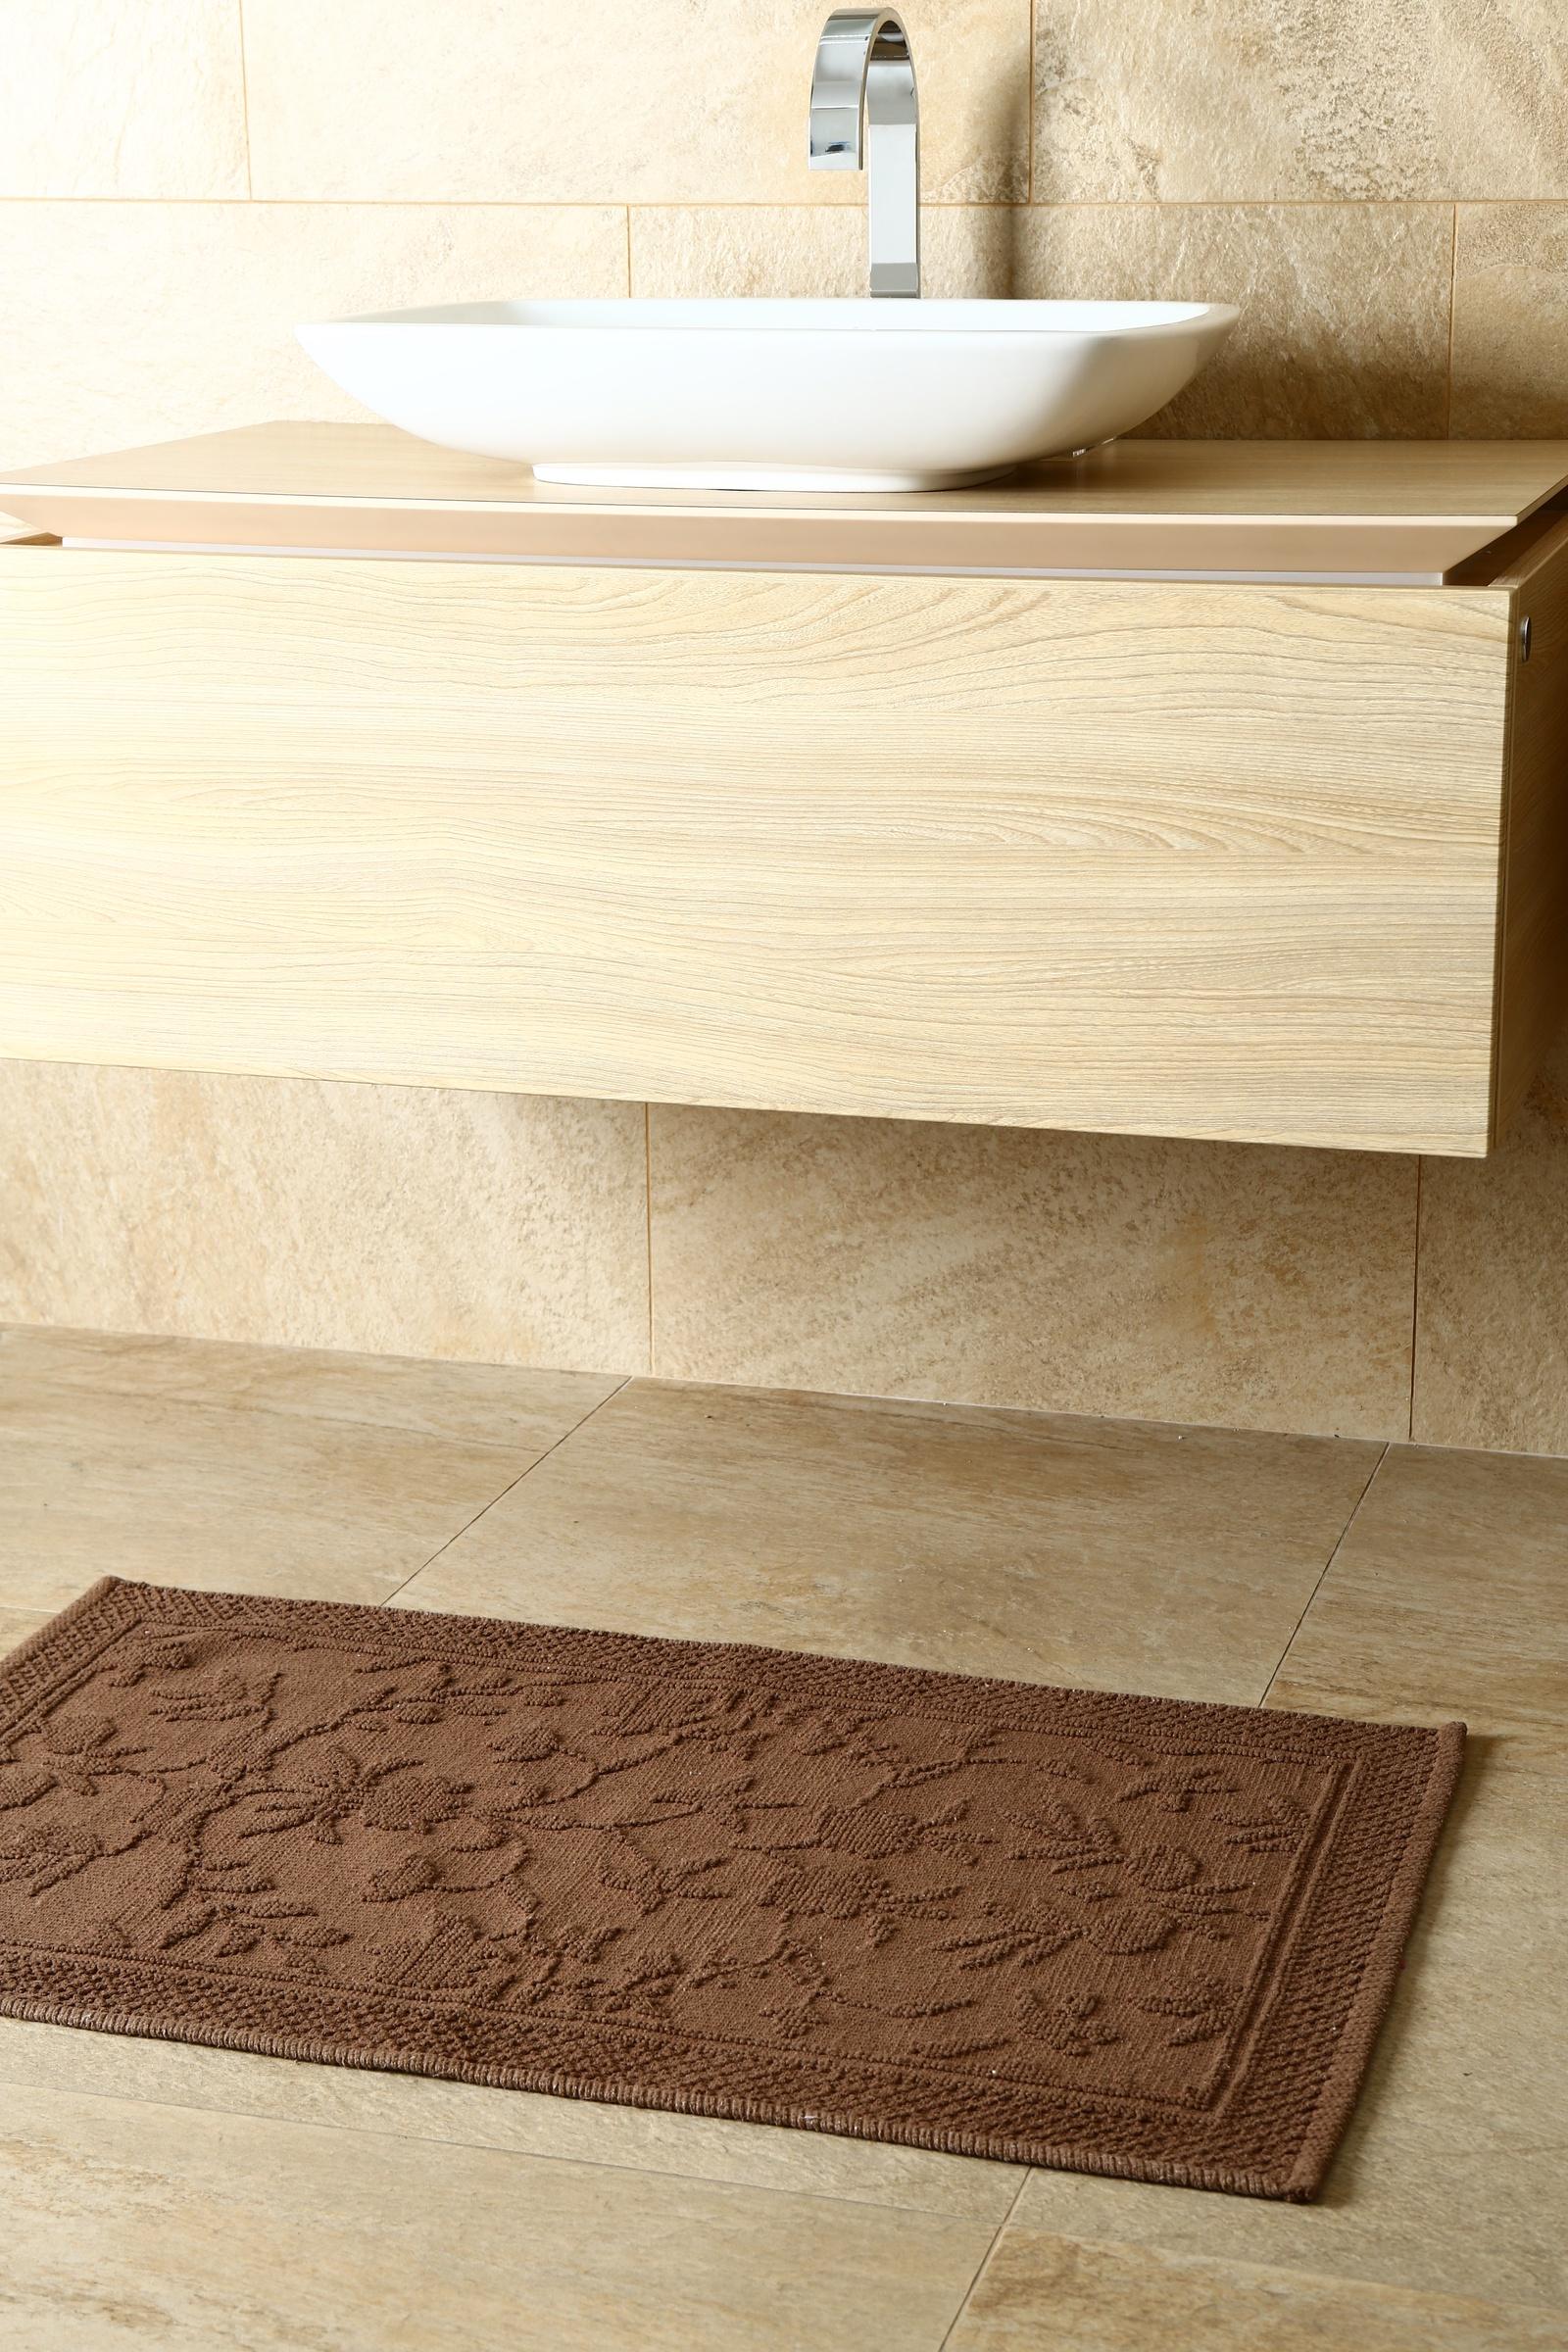 Фото - Коврик для ванной Arloni Коврик Кармен (шоколад) 60*90 arloni коврик самотканный для ванной